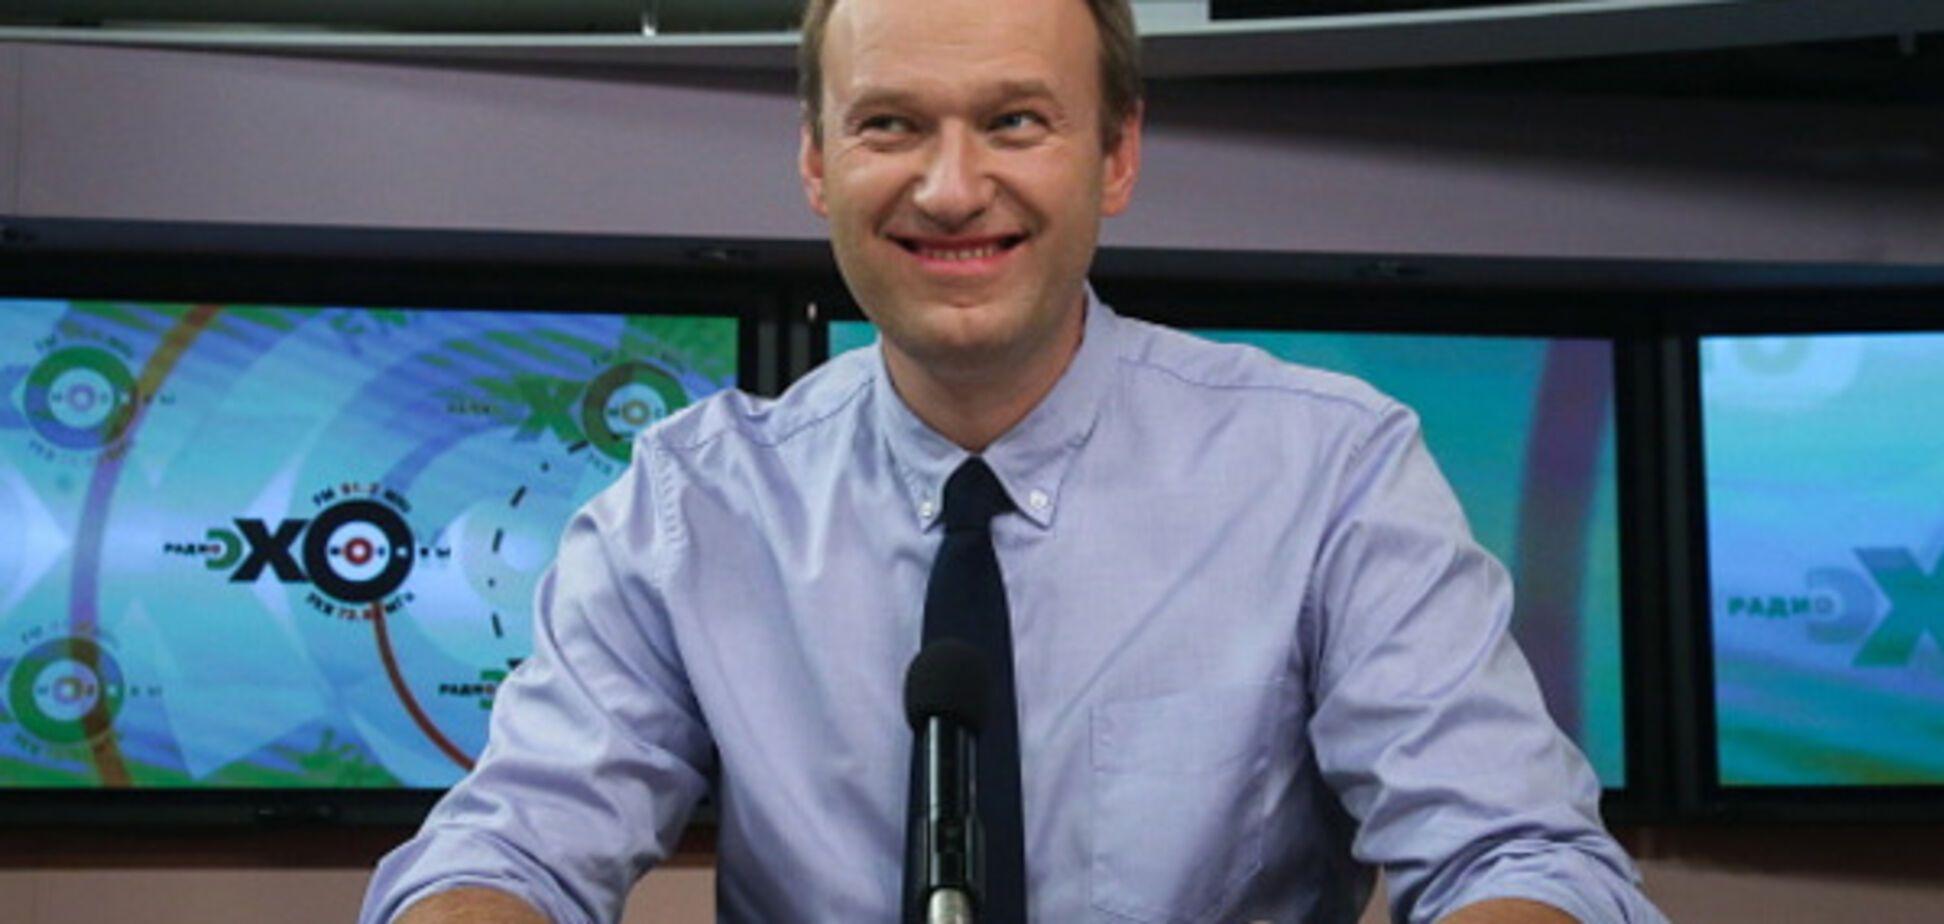 Каспаров: У Навального важная роль в легитимизации Путина